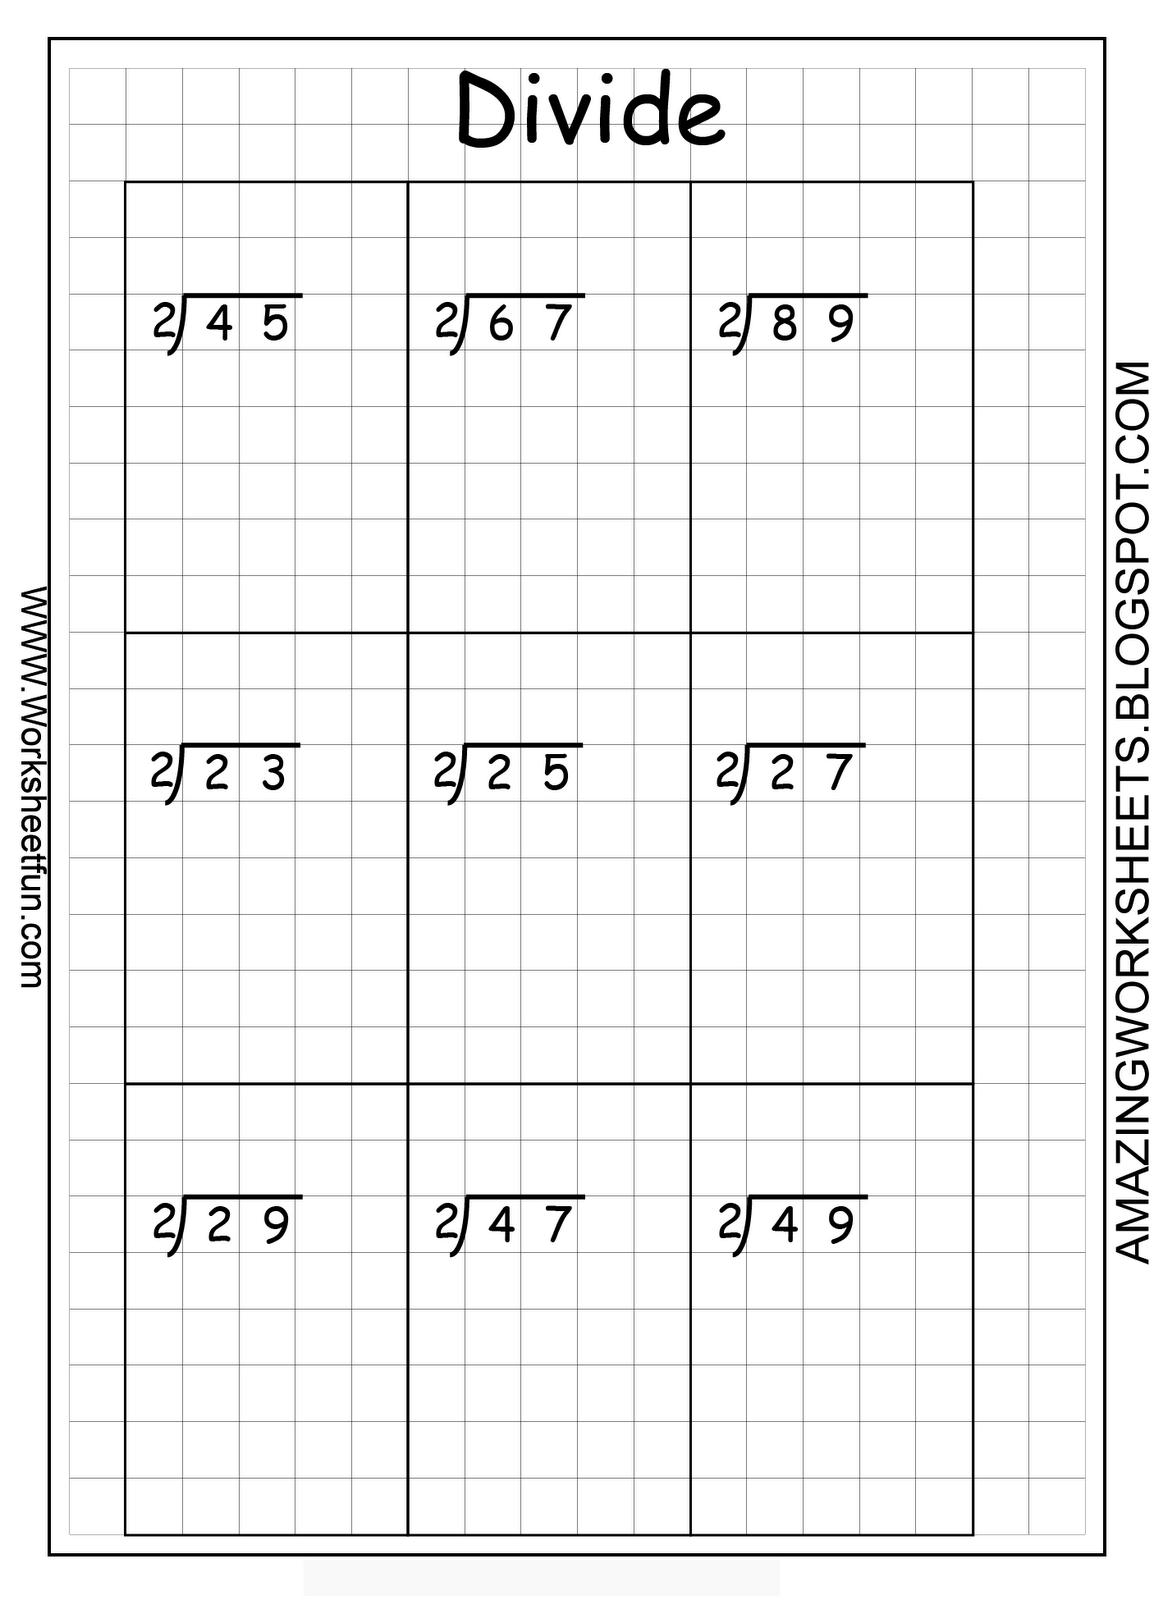 Long Division Matematika Dasar Template Belajar